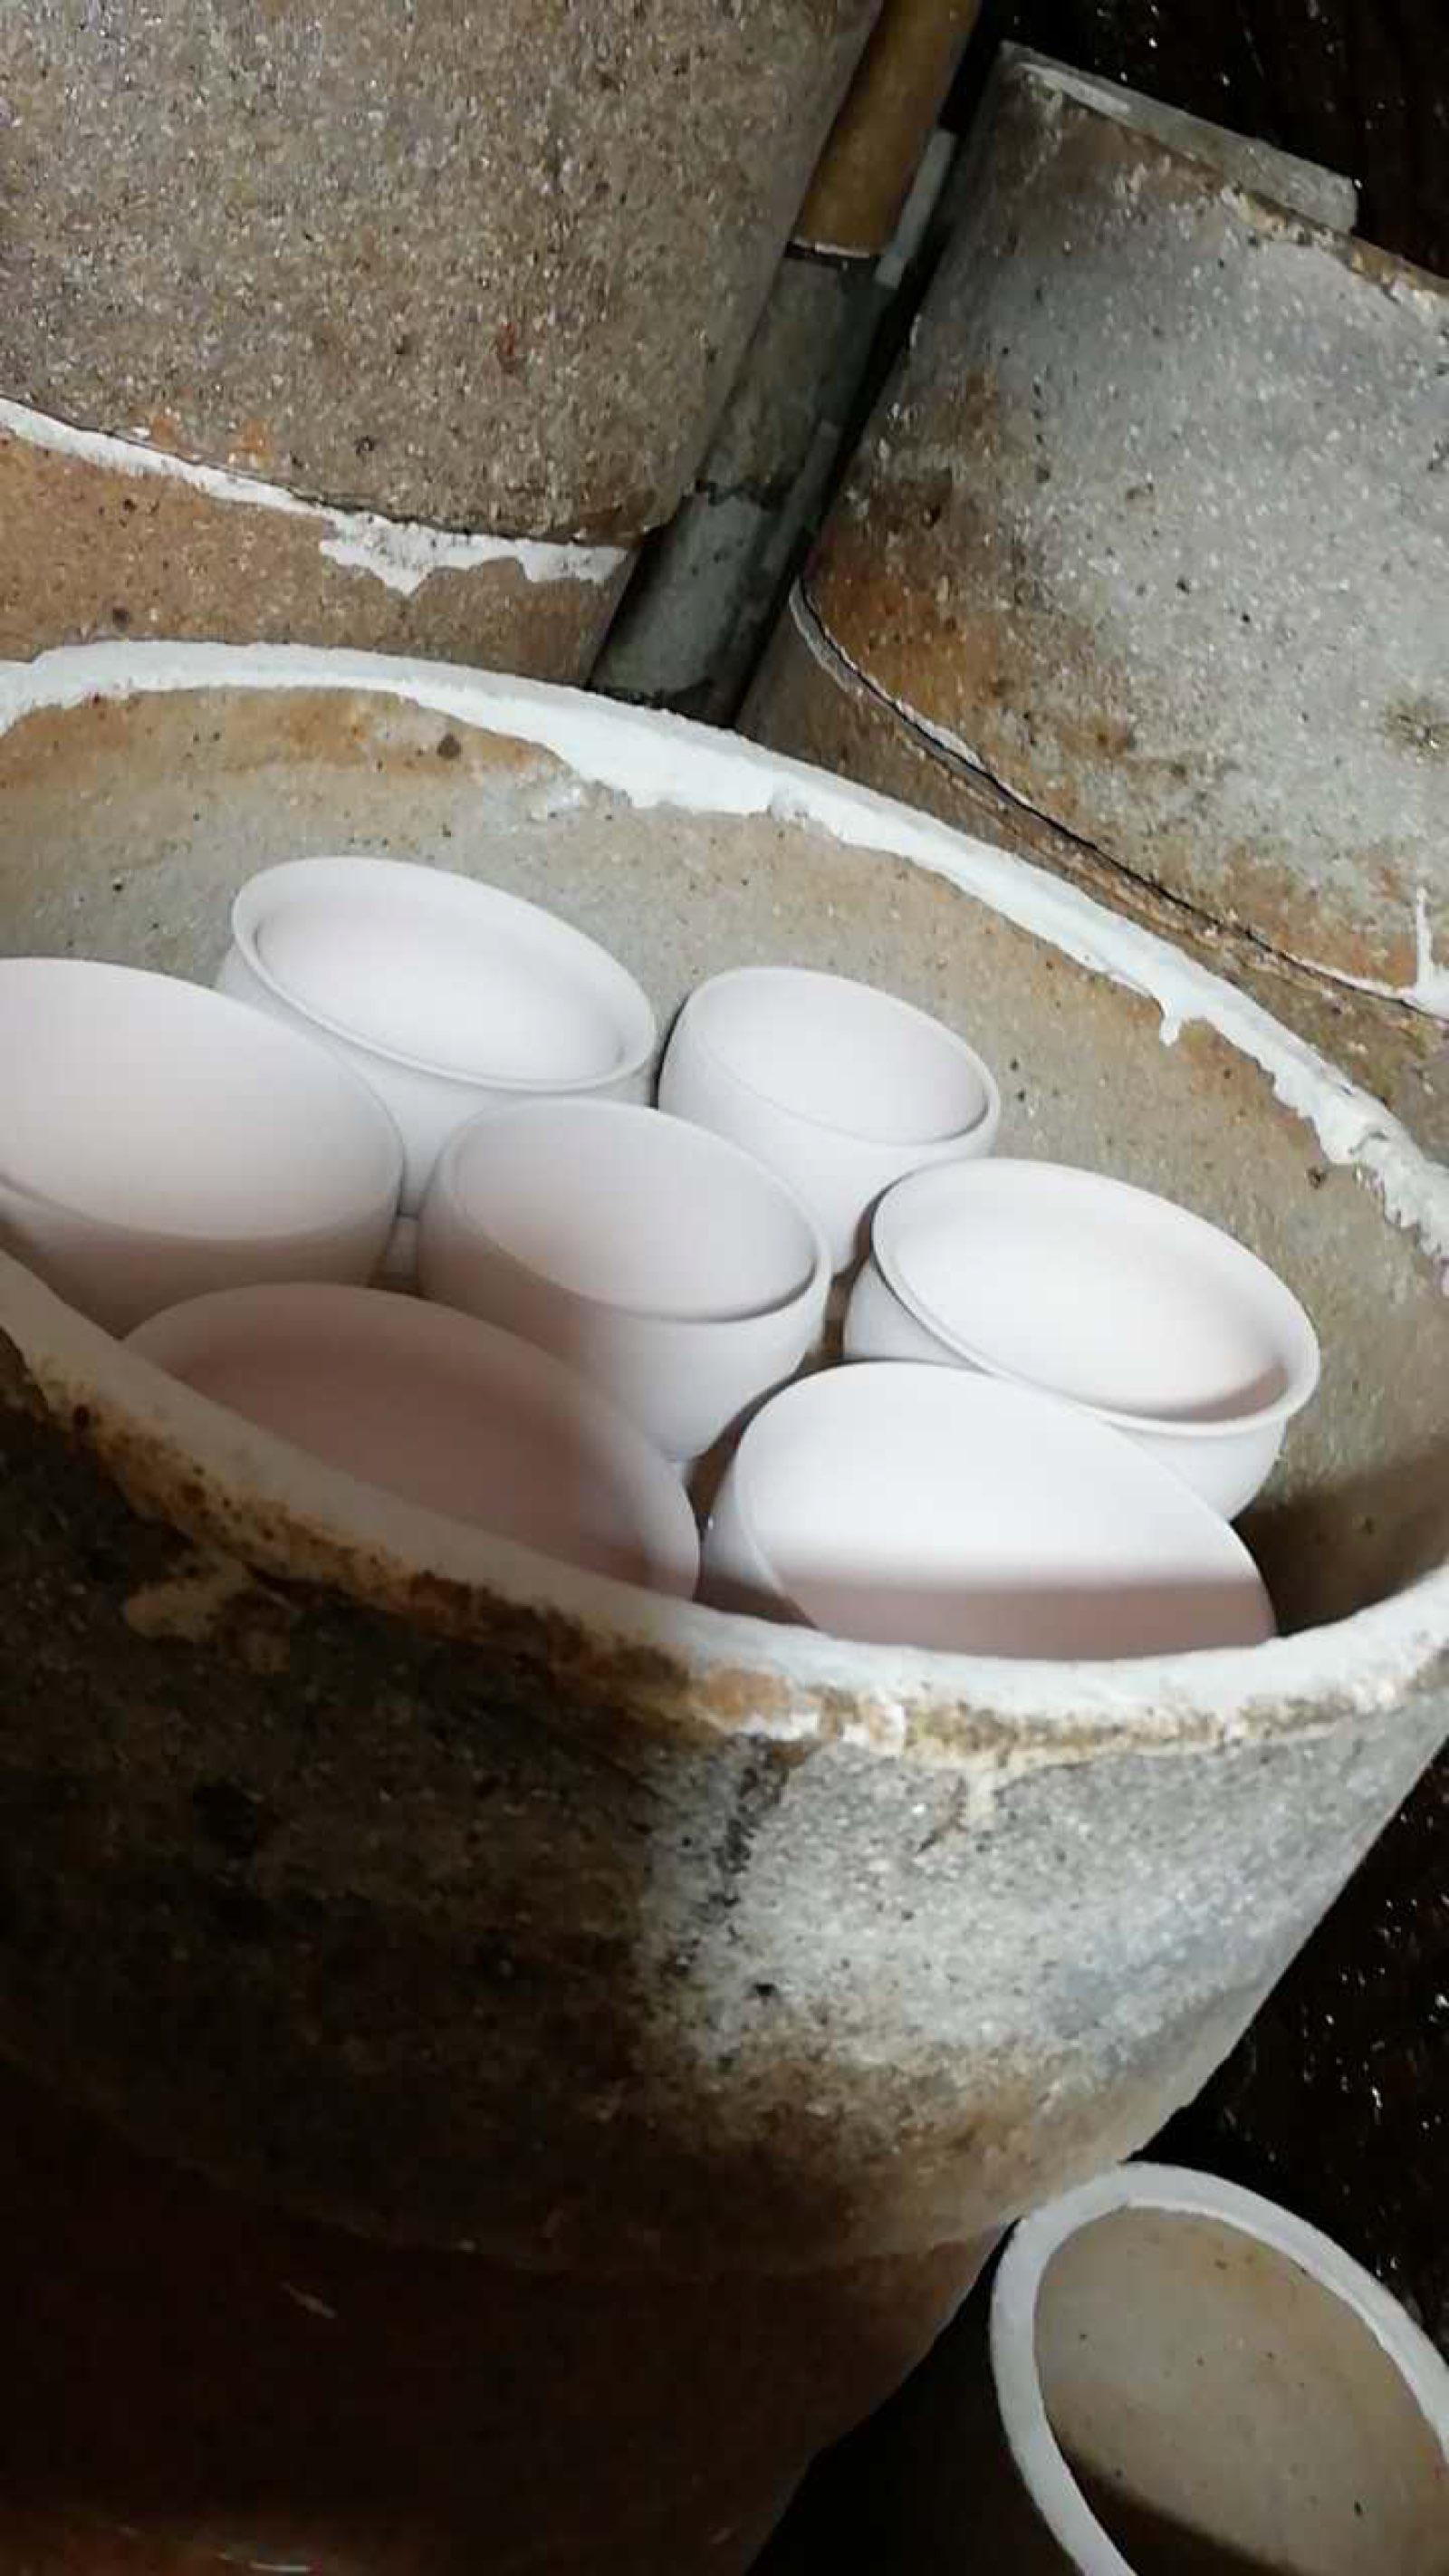 传统青花茶具之柴窑篇